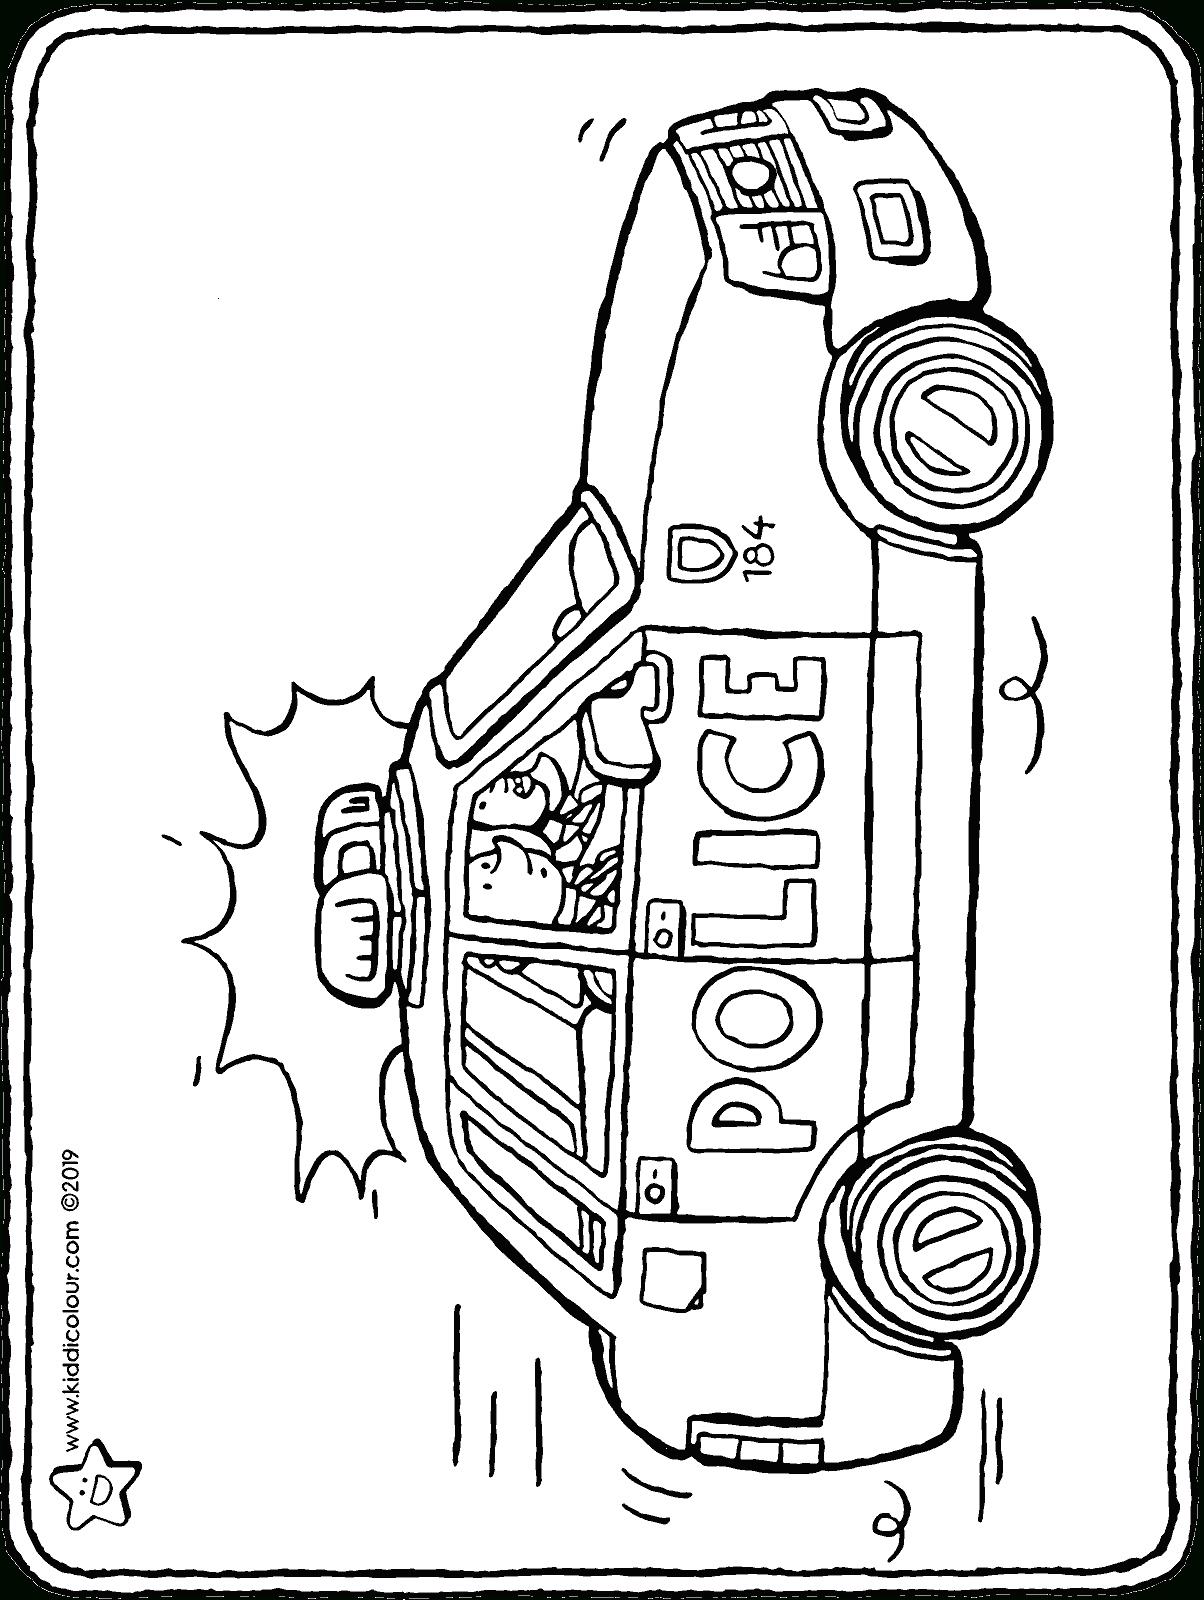 Polizeiauto Malvorlage - kinderbilderdownload